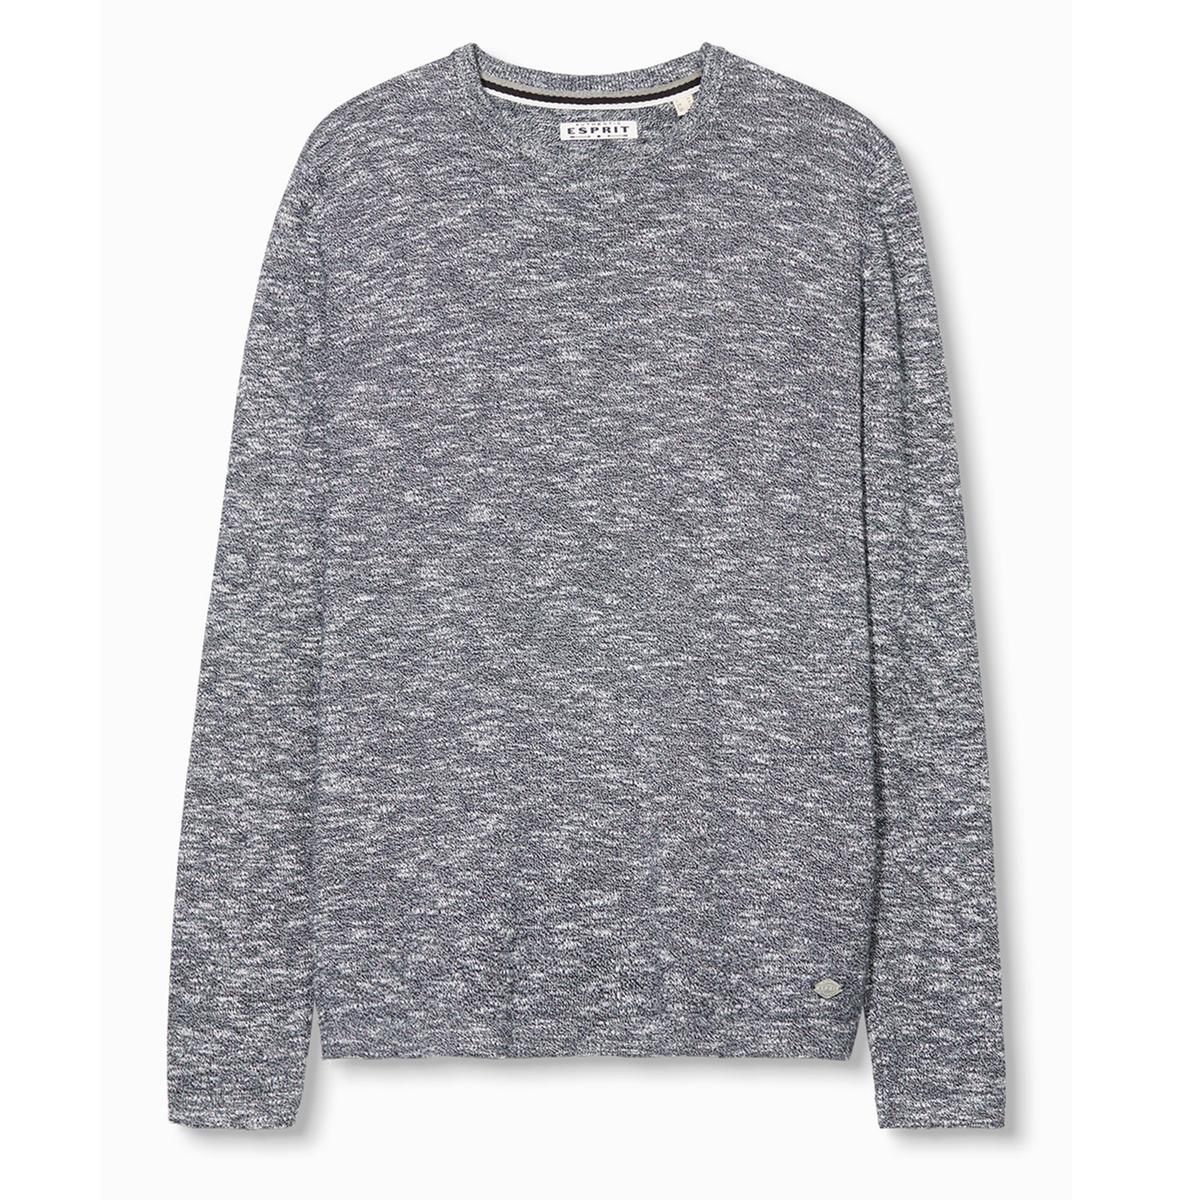 Пуловер из трикотажа мулинеСостав и описание:Материал: 100% хлопка.Марка: ESPRIT.<br><br>Цвет: серый,темно-синий<br>Размер: L.M